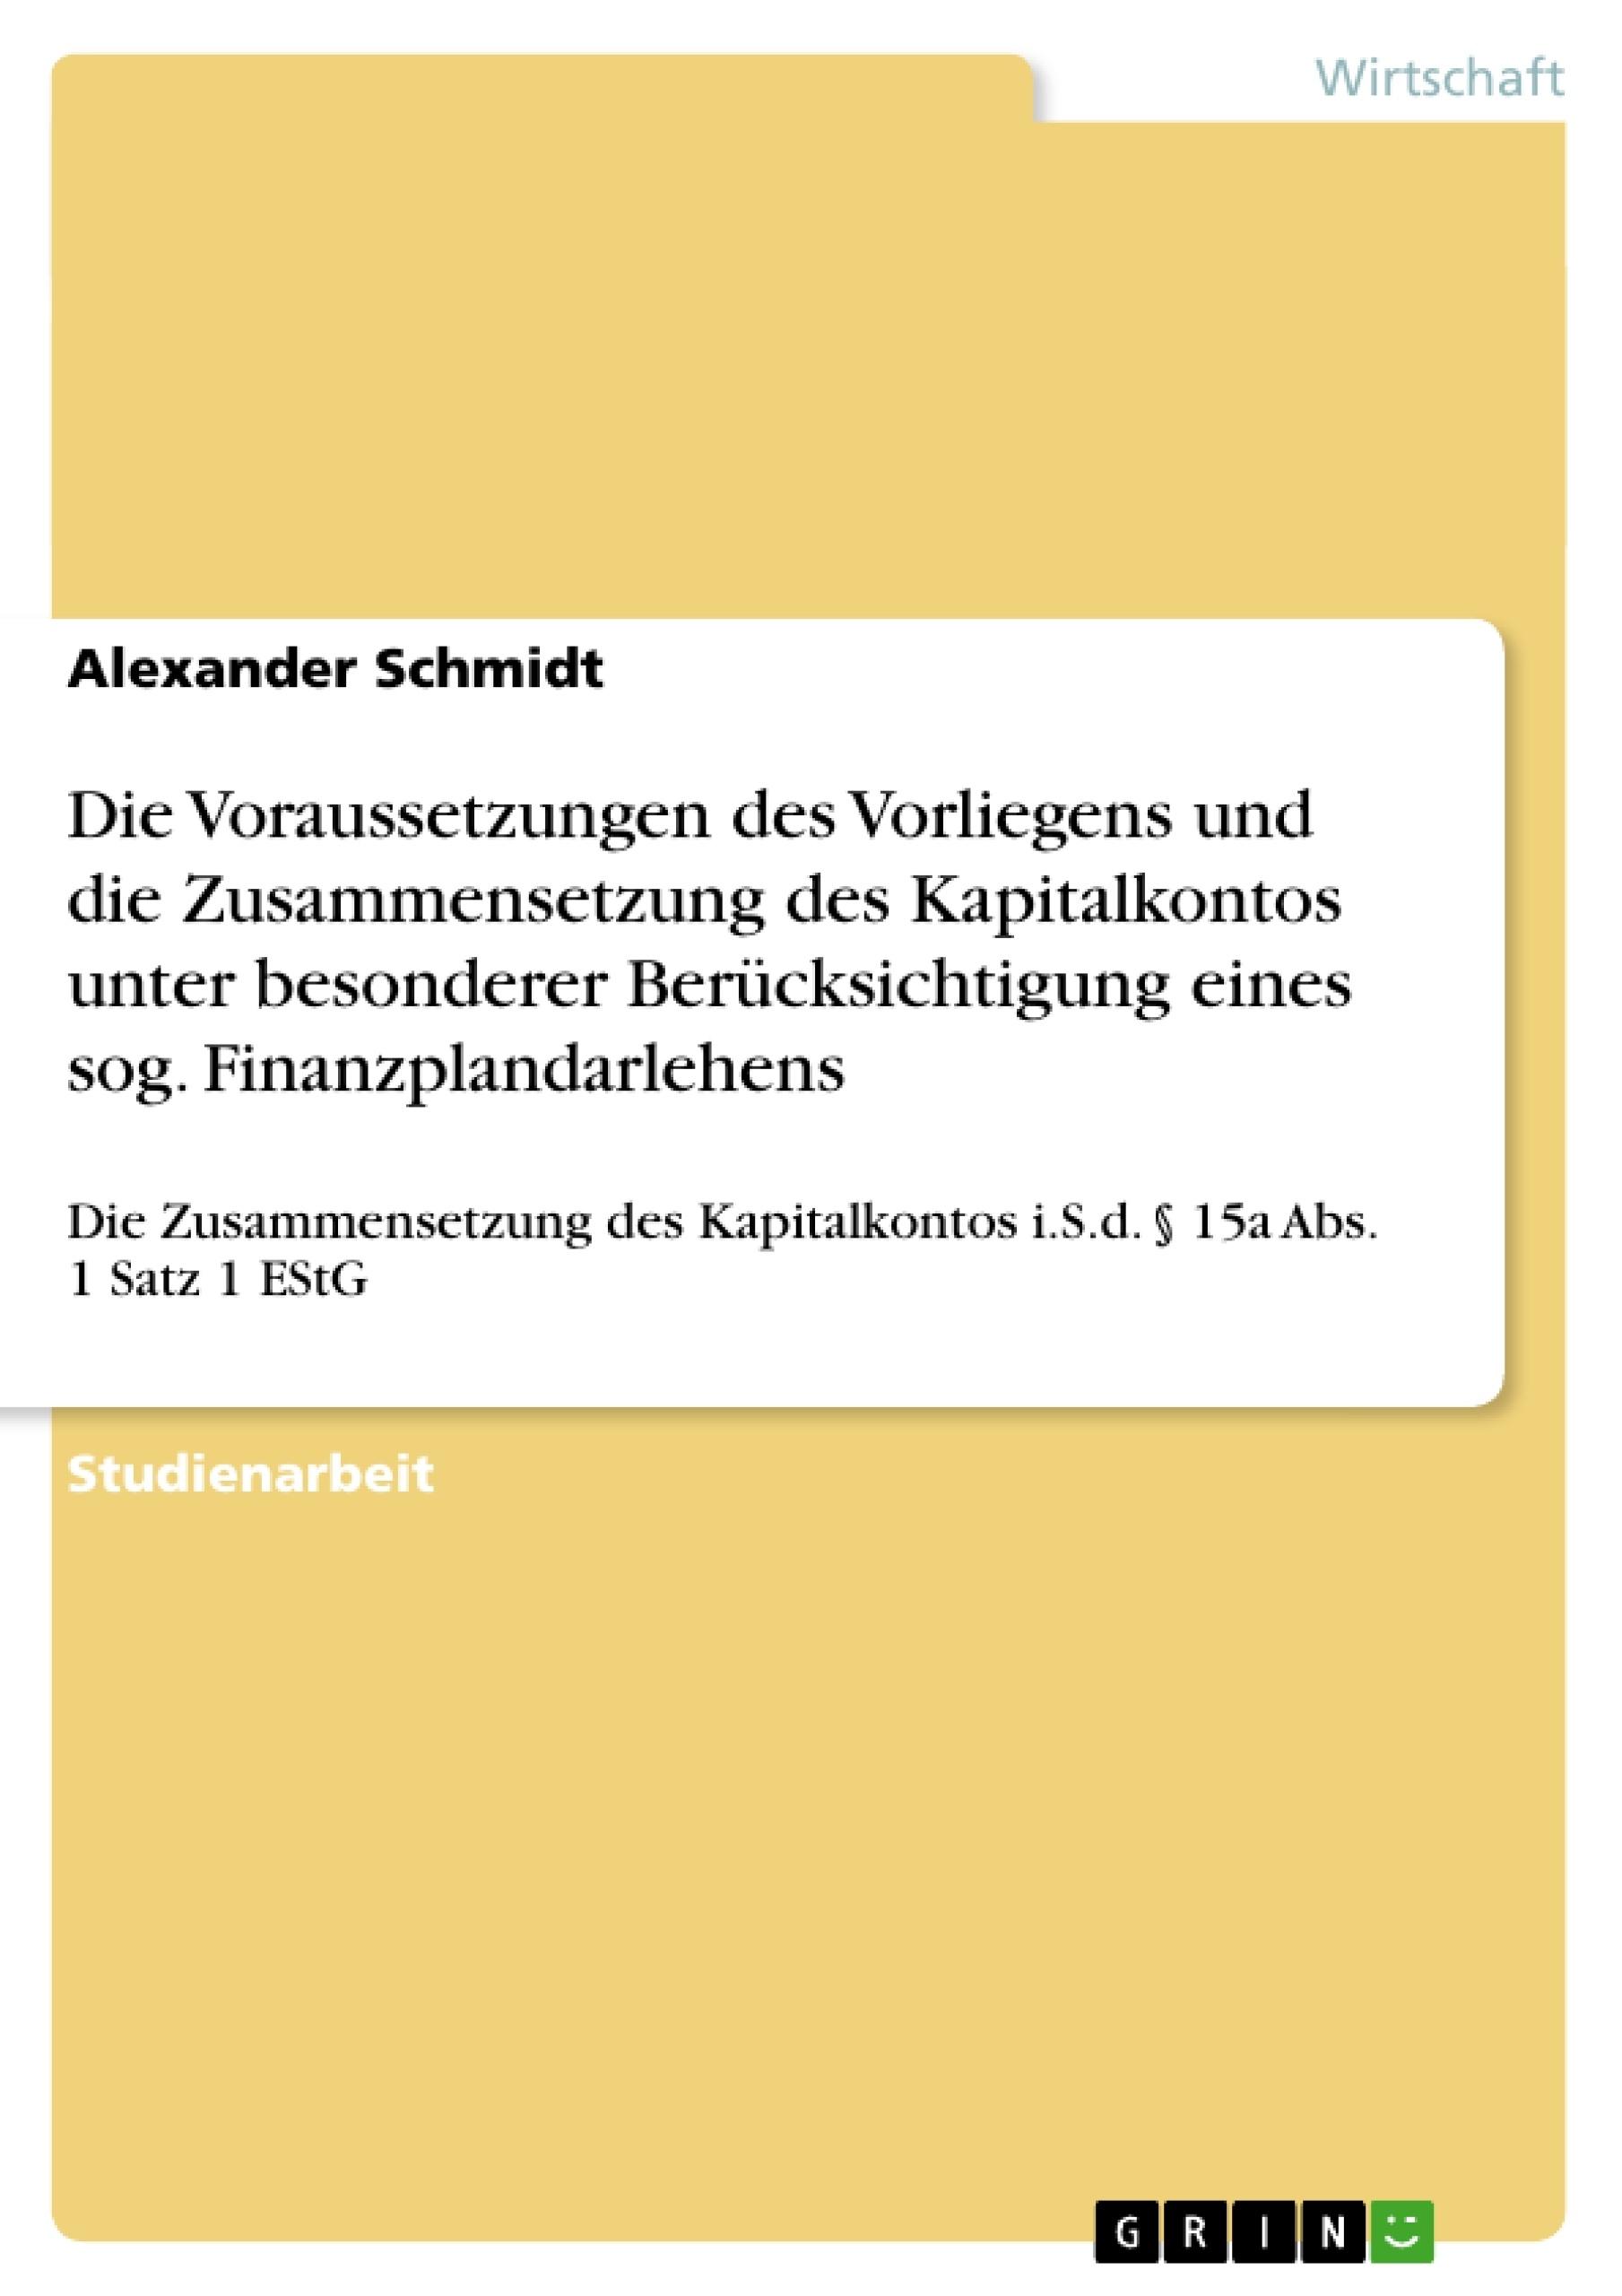 Titel: Die Voraussetzungen des Vorliegens und die Zusammensetzung des Kapitalkontos unter besonderer Berücksichtigung eines sog. Finanzplandarlehens